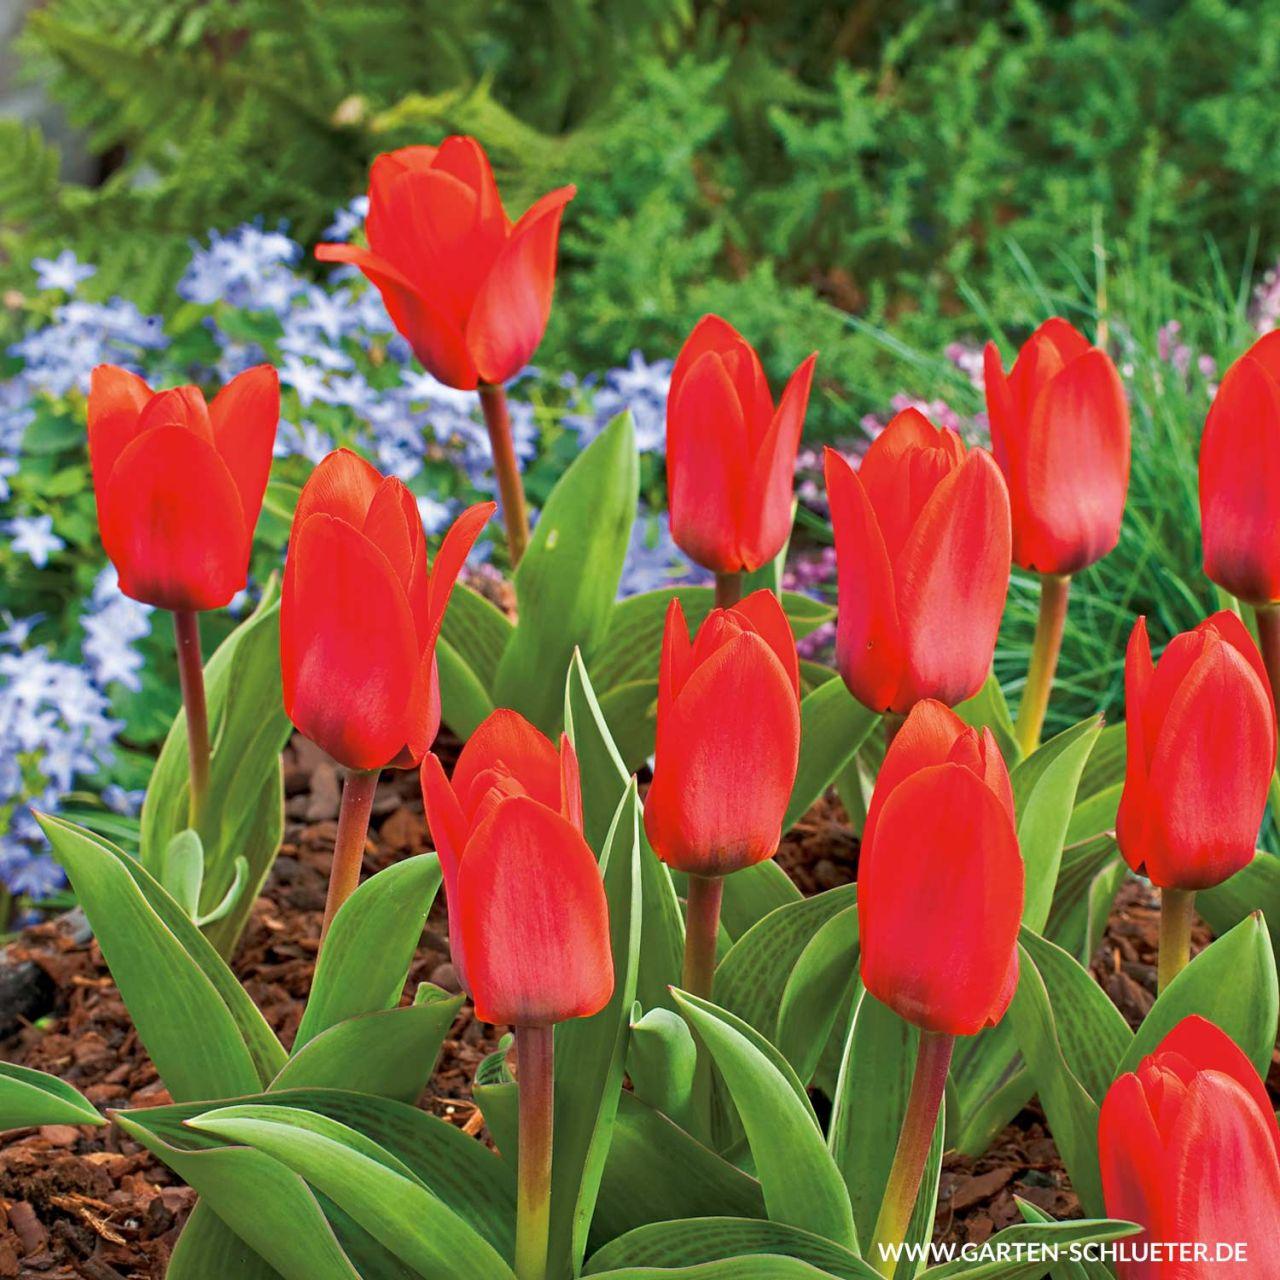 Botanische Tulpe 'Showwinner' - 7 Stück